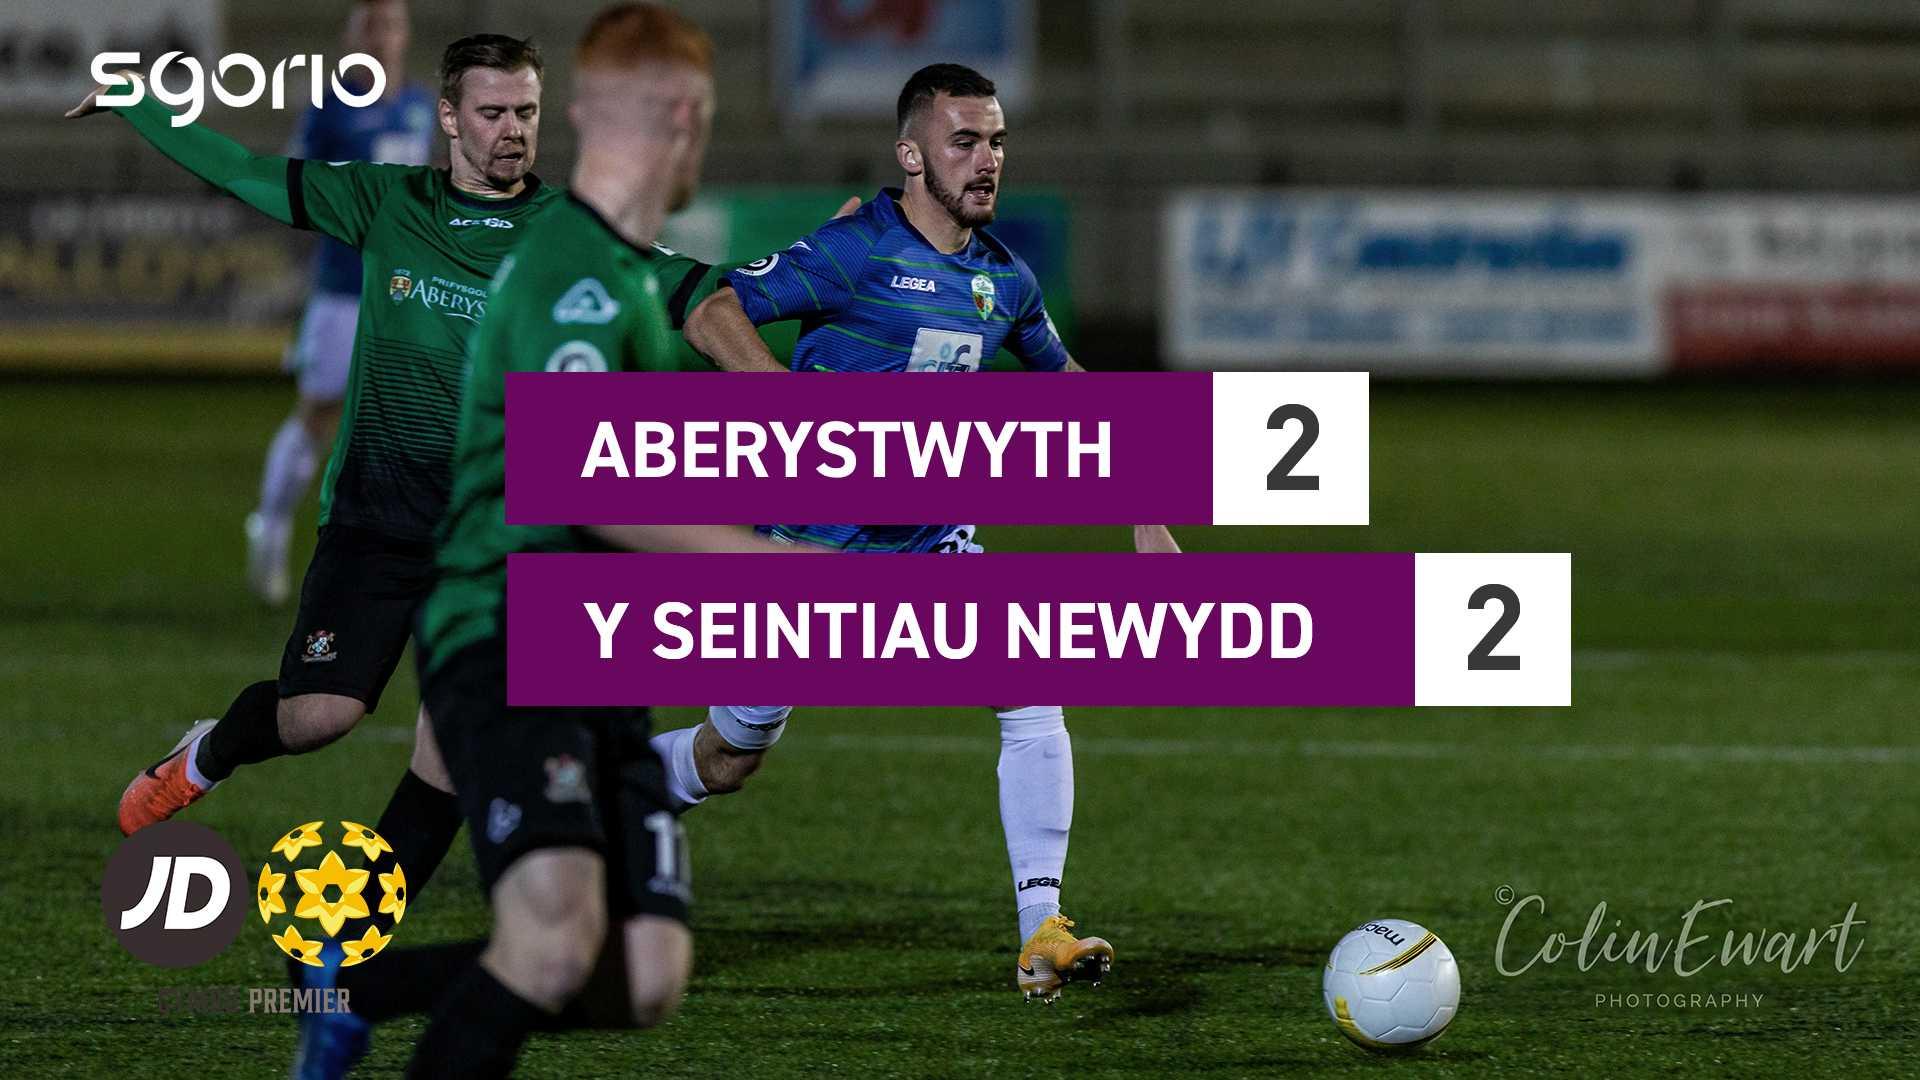 Aberystwyth 2-2 Y Seintiau Newydd